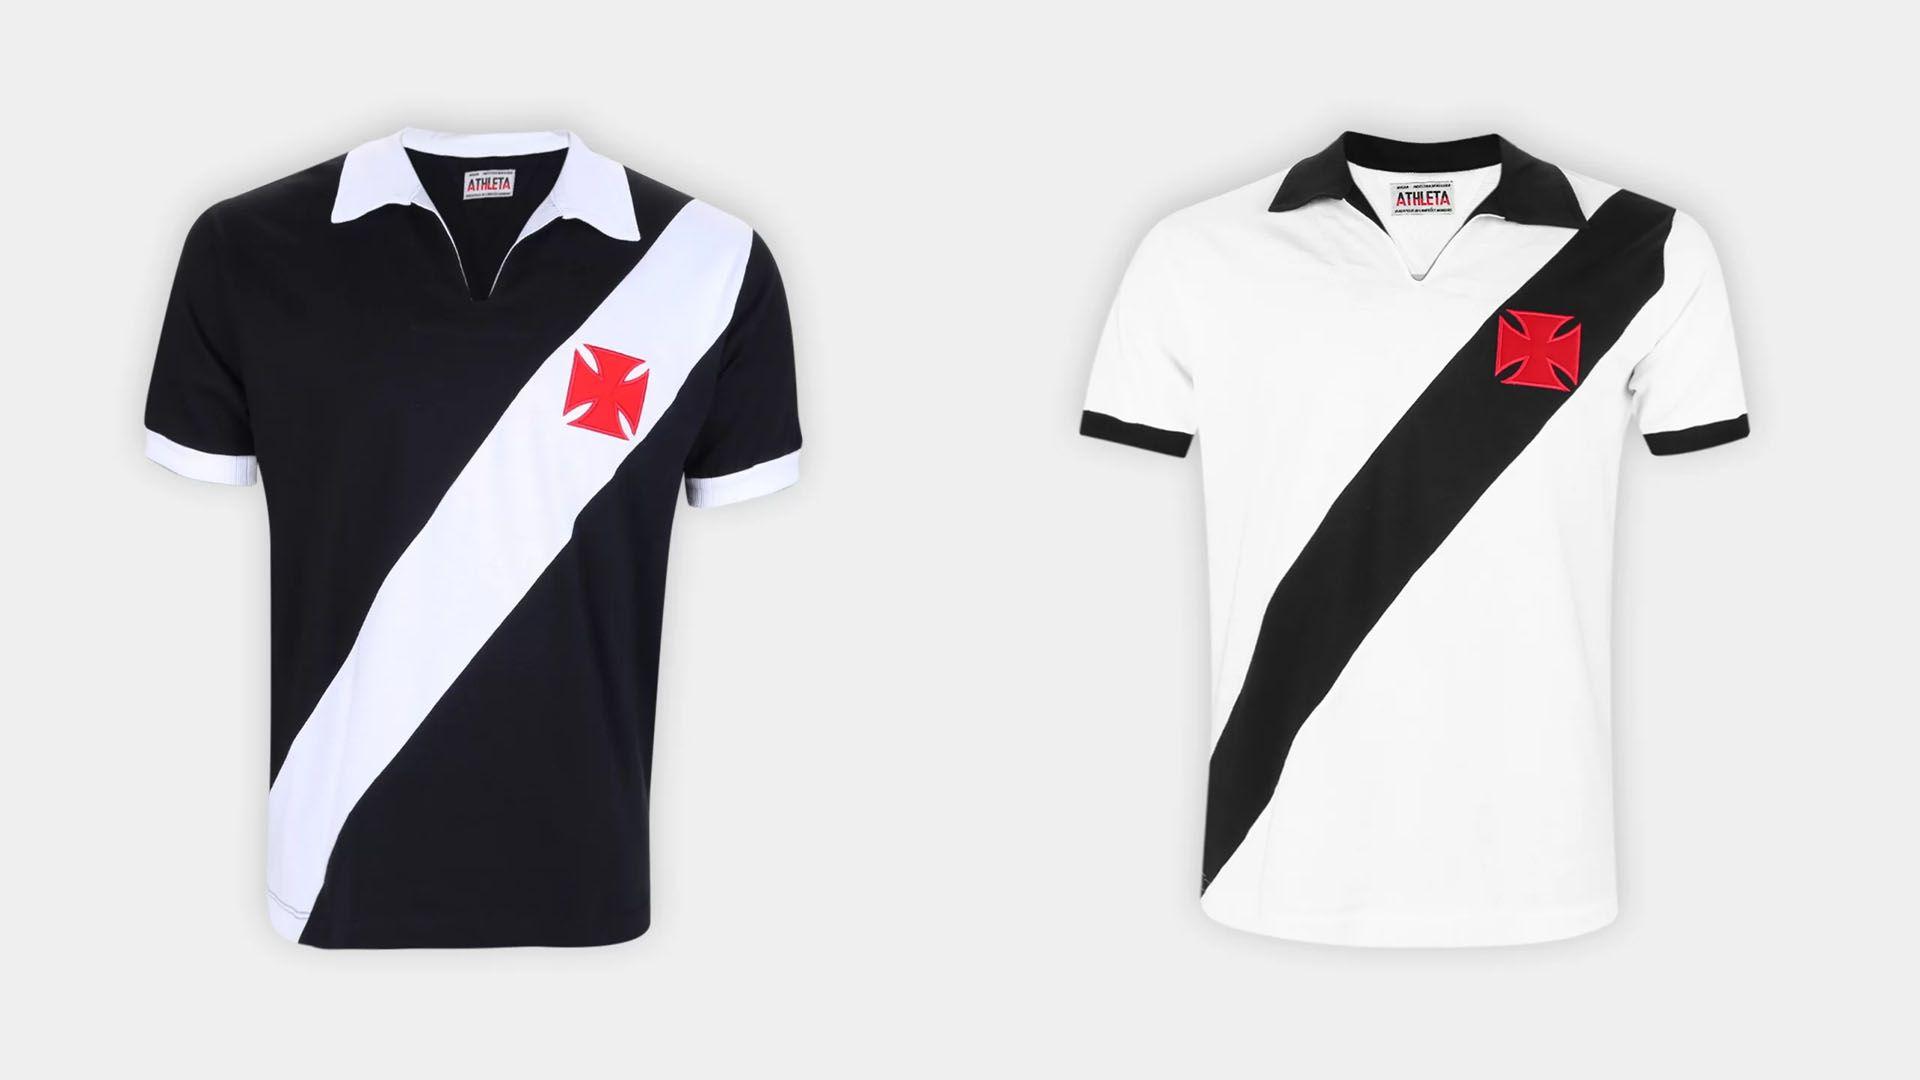 Camisa do Vasco Retrô 1960 (Imagem: Divulgação/Athleta)